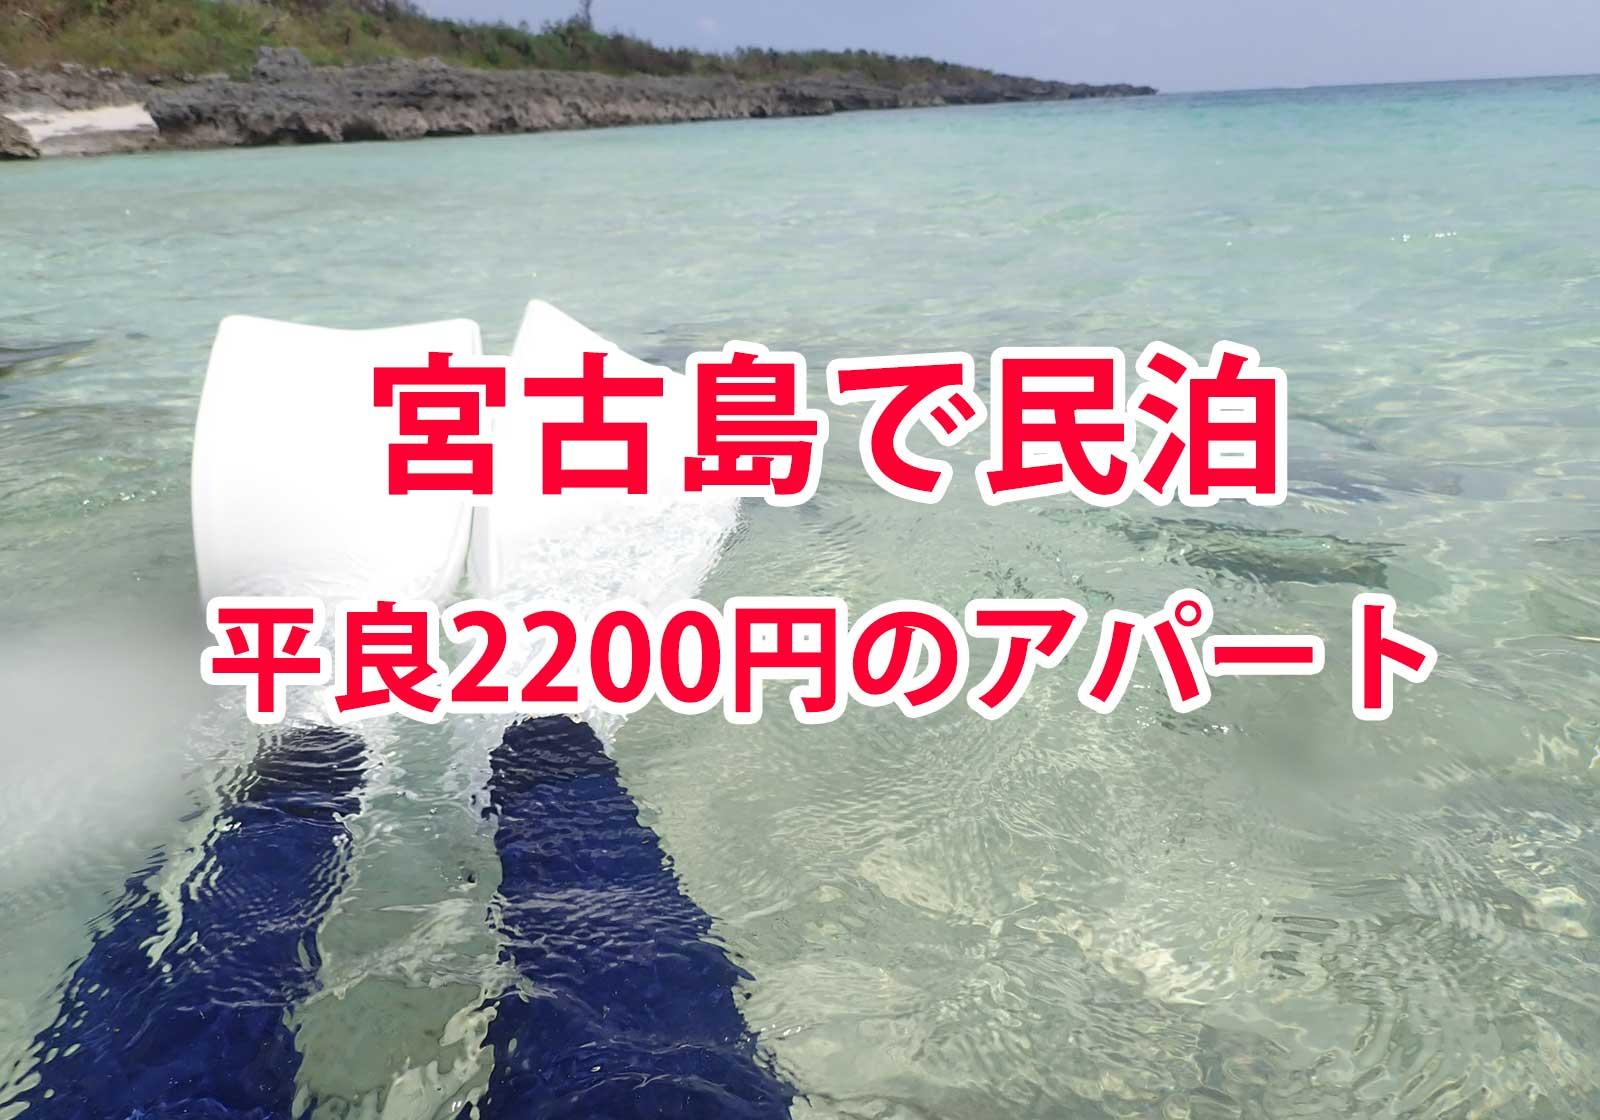 宮古島ひとり旅!平良にある民泊アパート 1泊2,200円の紹介